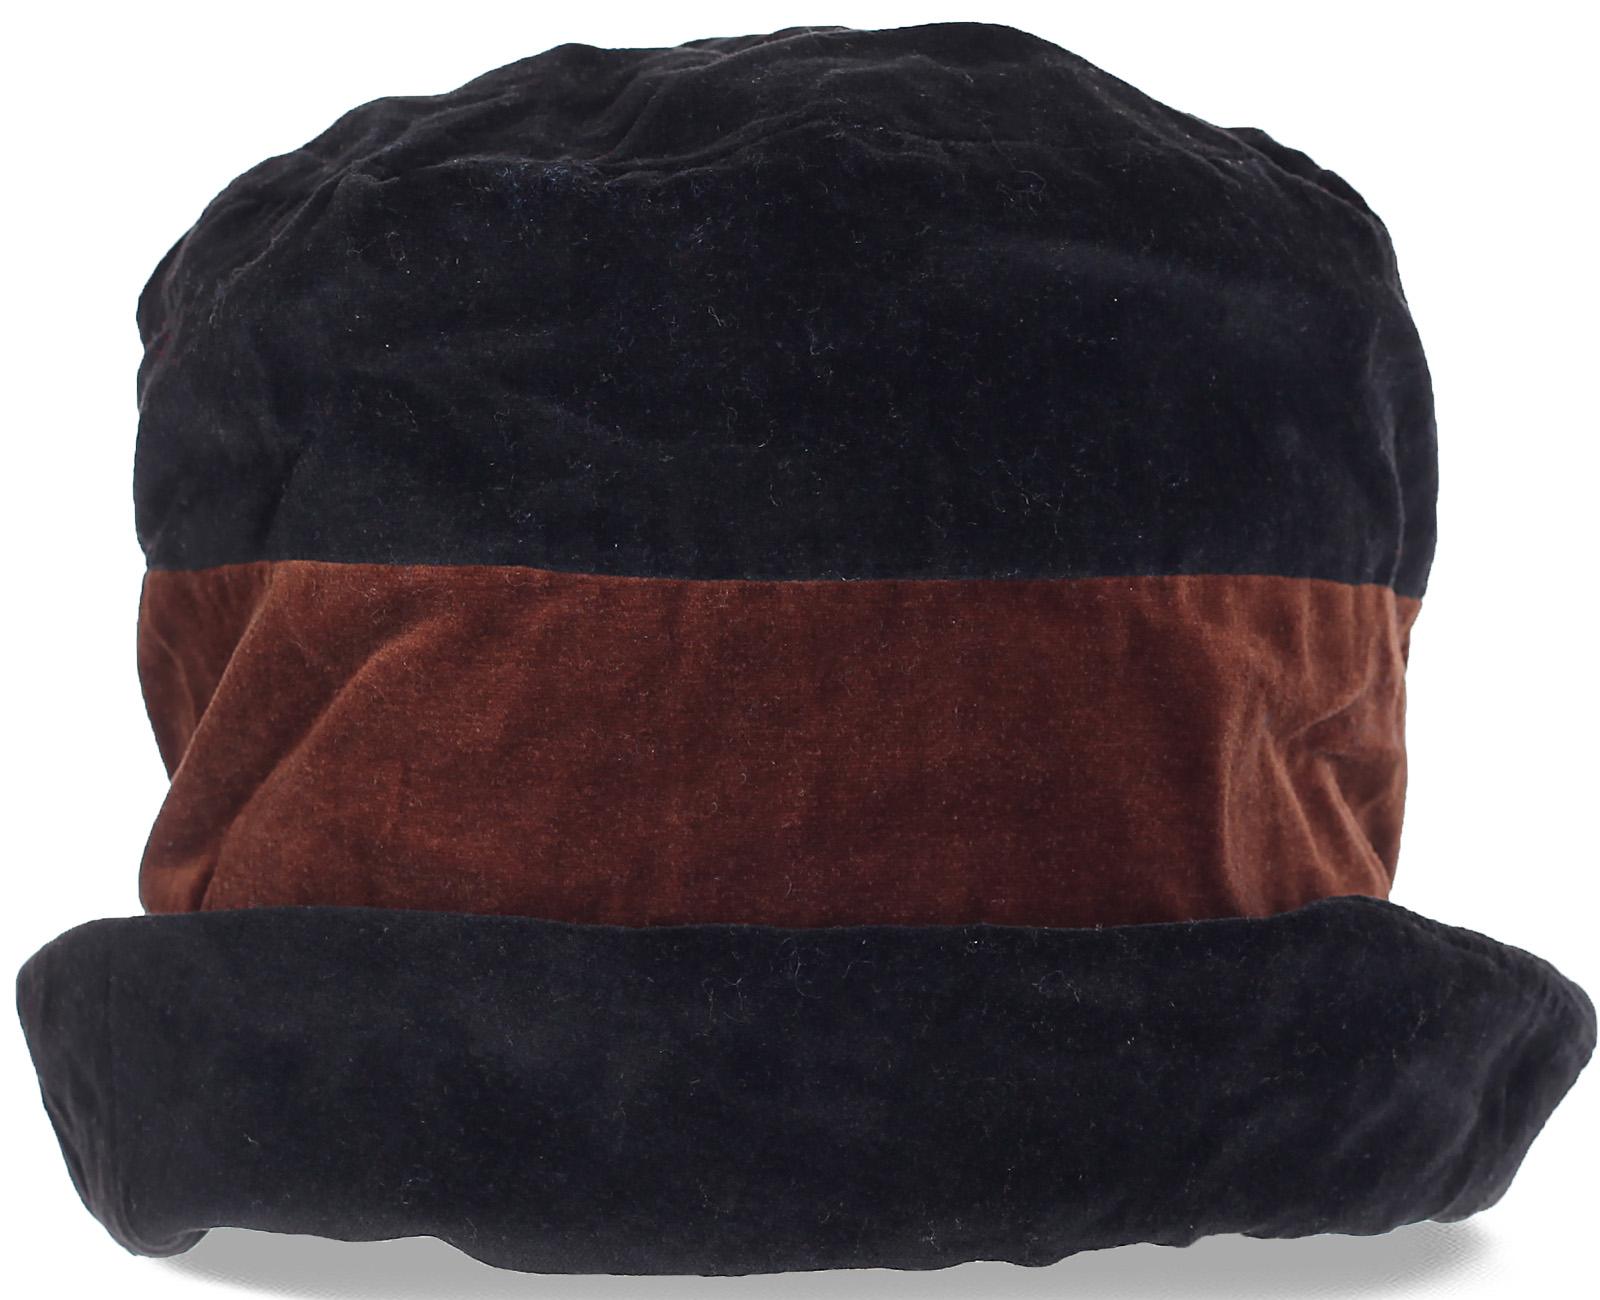 Суперстильная женская велюровая шляпка. Оригинальный дизайн и отменное качество по привлекательной цене. Количество ограничено!